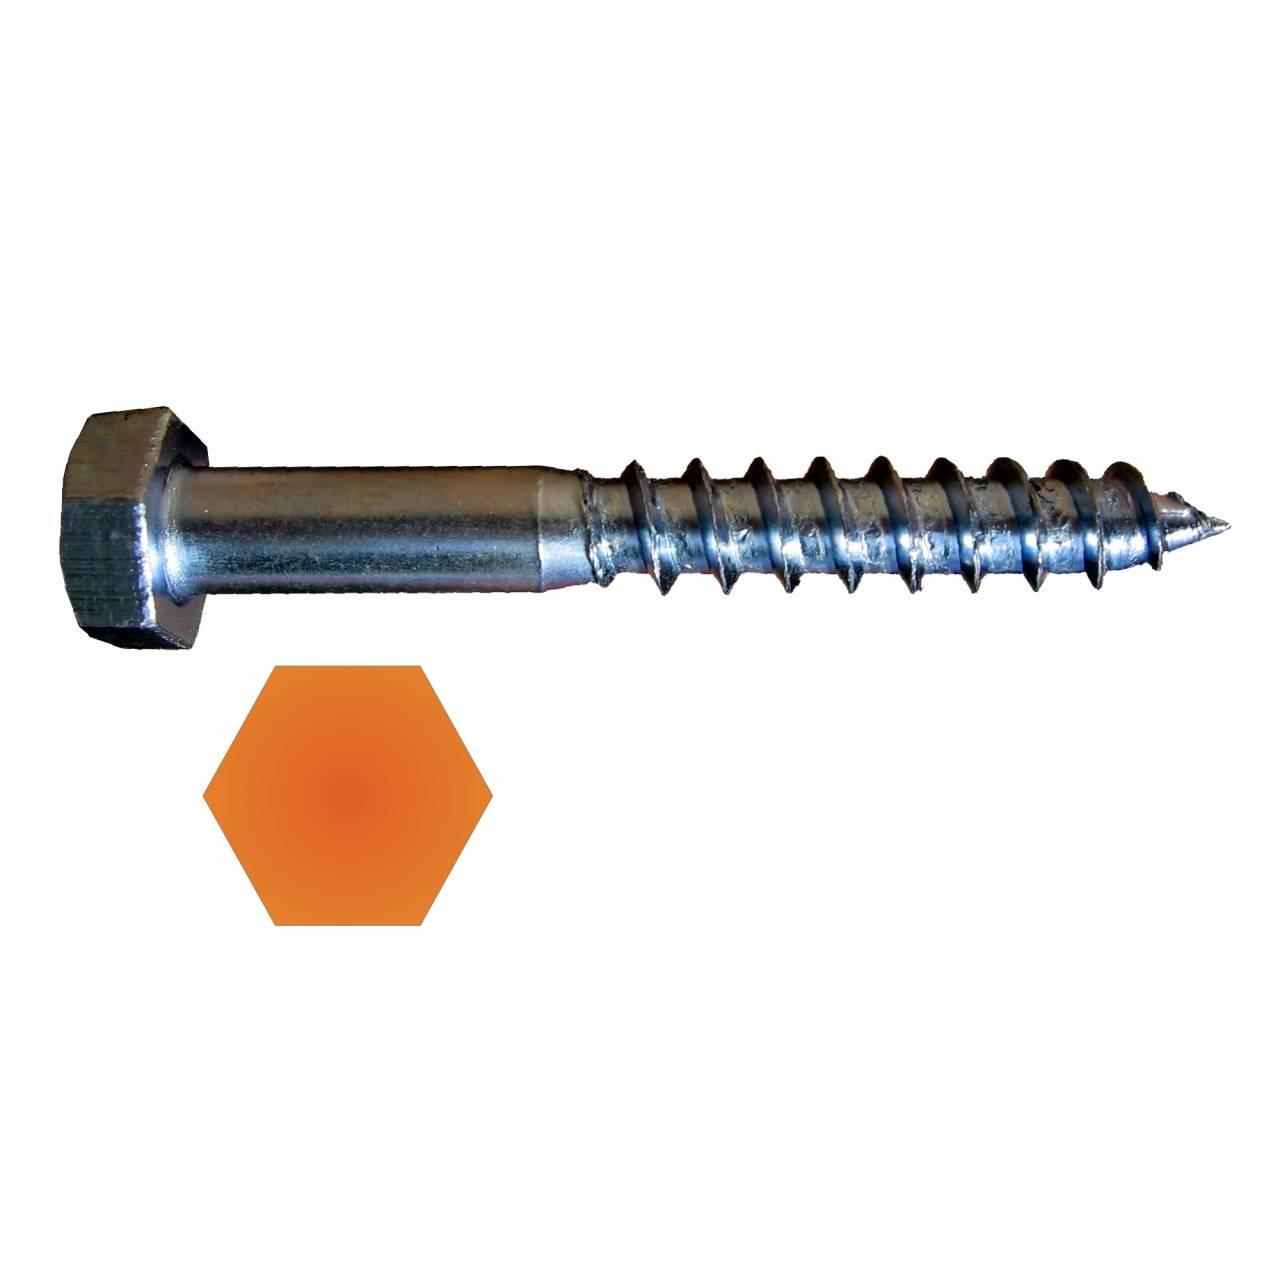 Sechskant-Holzschraube DIN571 vz 6,0 x 50 mm / Pck a 200 Stück